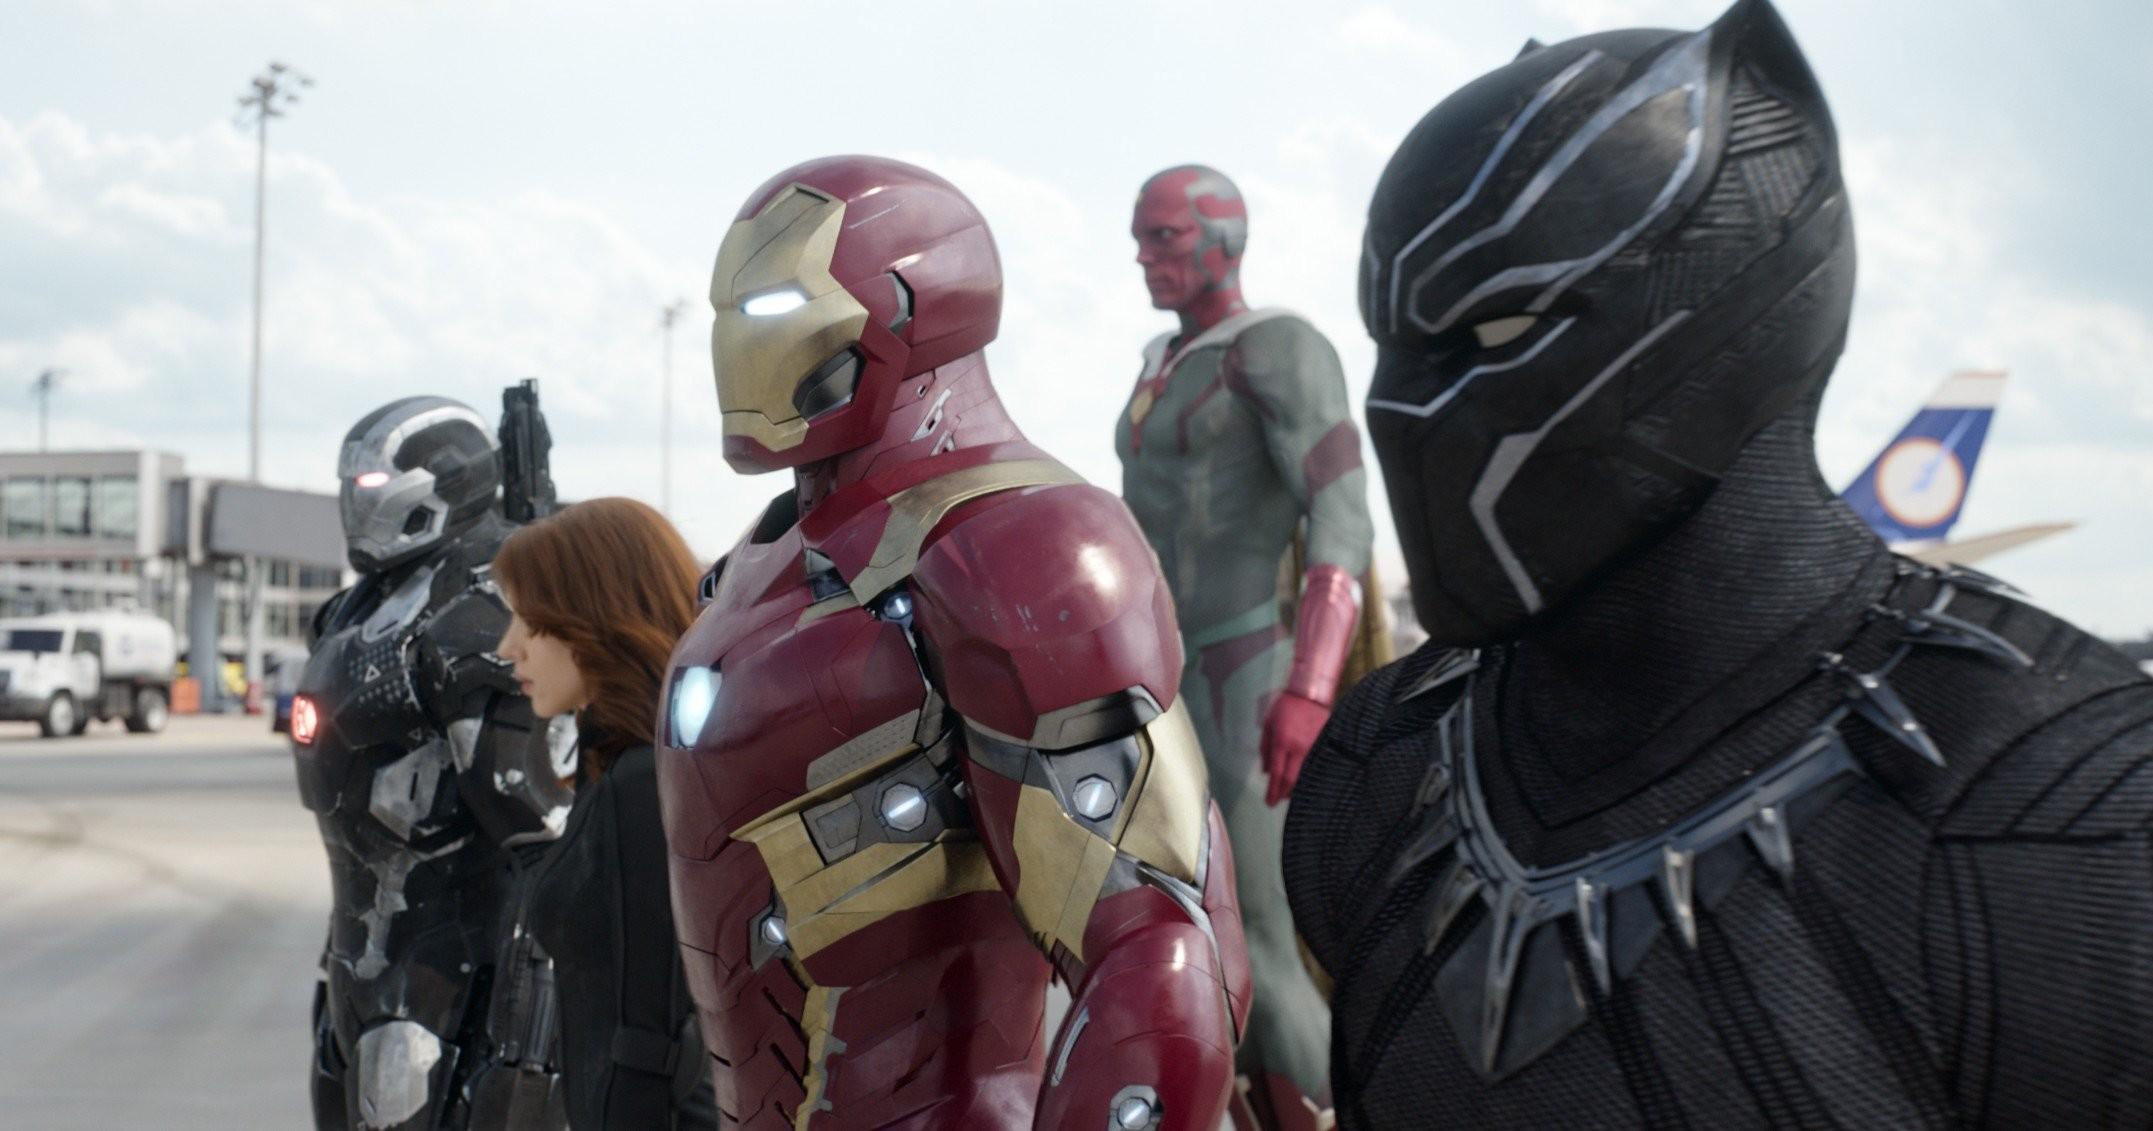 … captain-america-civil-war-super-heroes